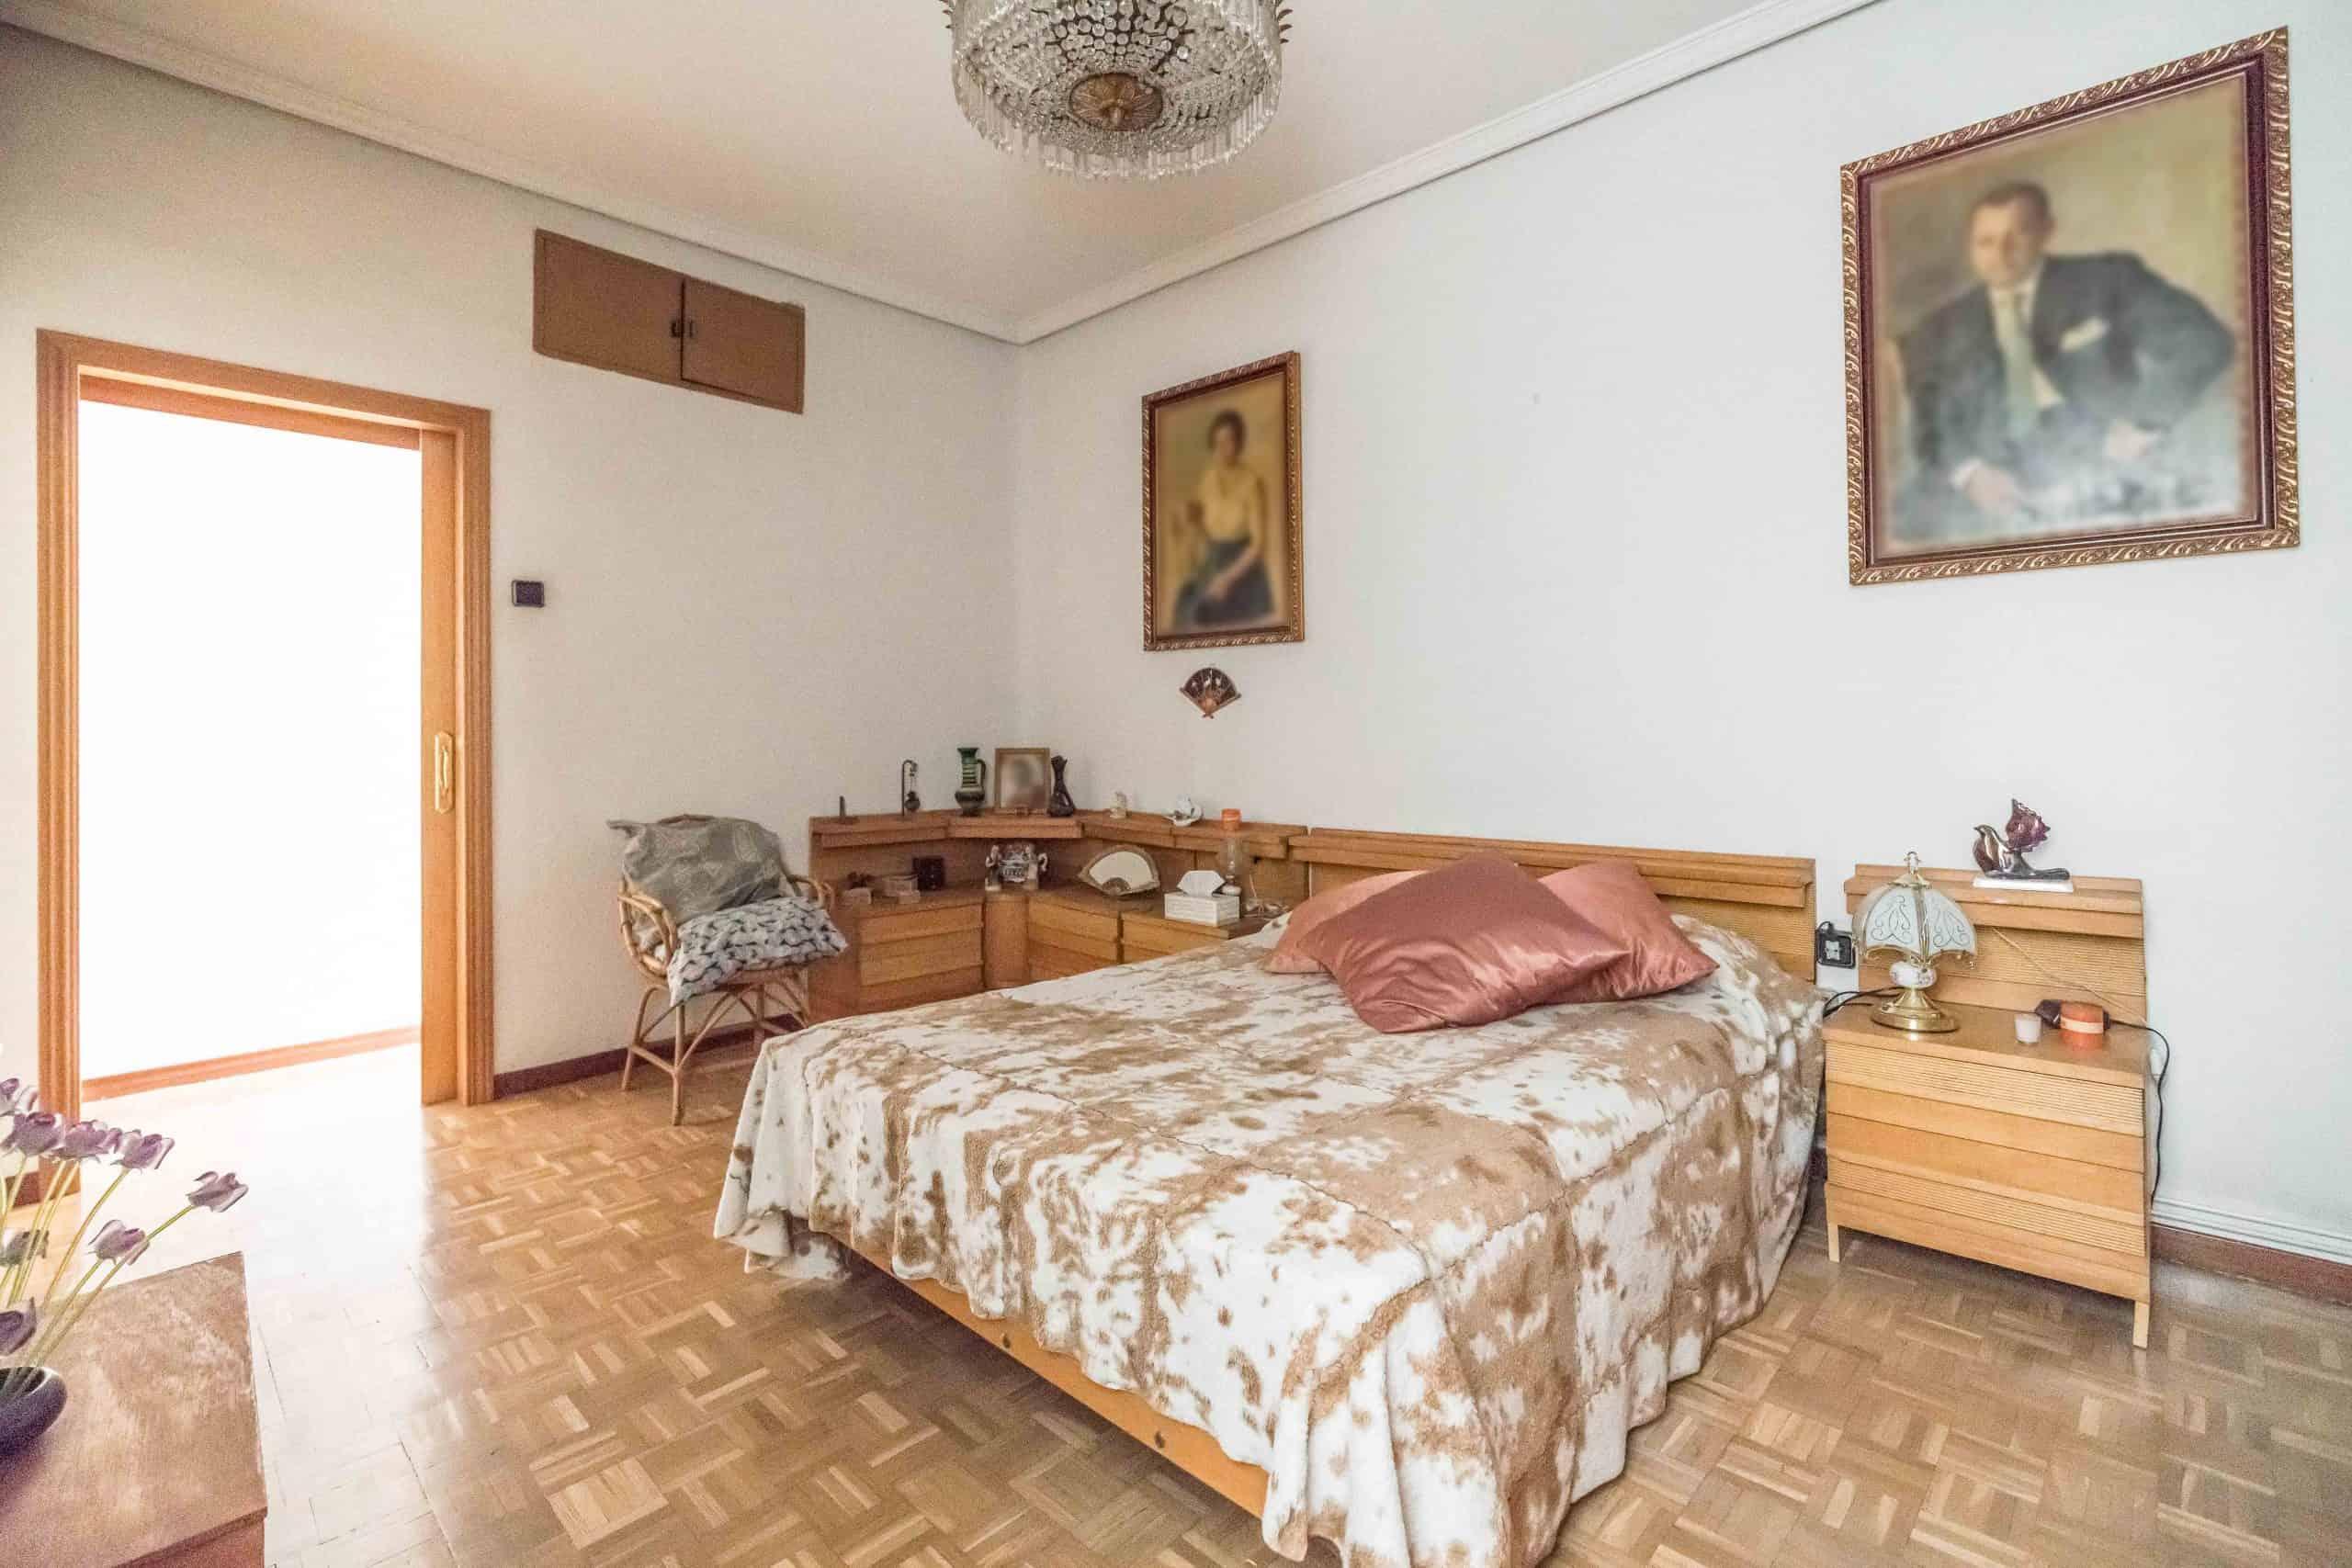 Agencia Inmobiliaria de Madrid-FUTUROCASA-Zona ARGANZUELA-EMBAJADORES-LEGAZPI -calle Guillermo de Osma 2 DORMITORIO1 (5) (Copy)